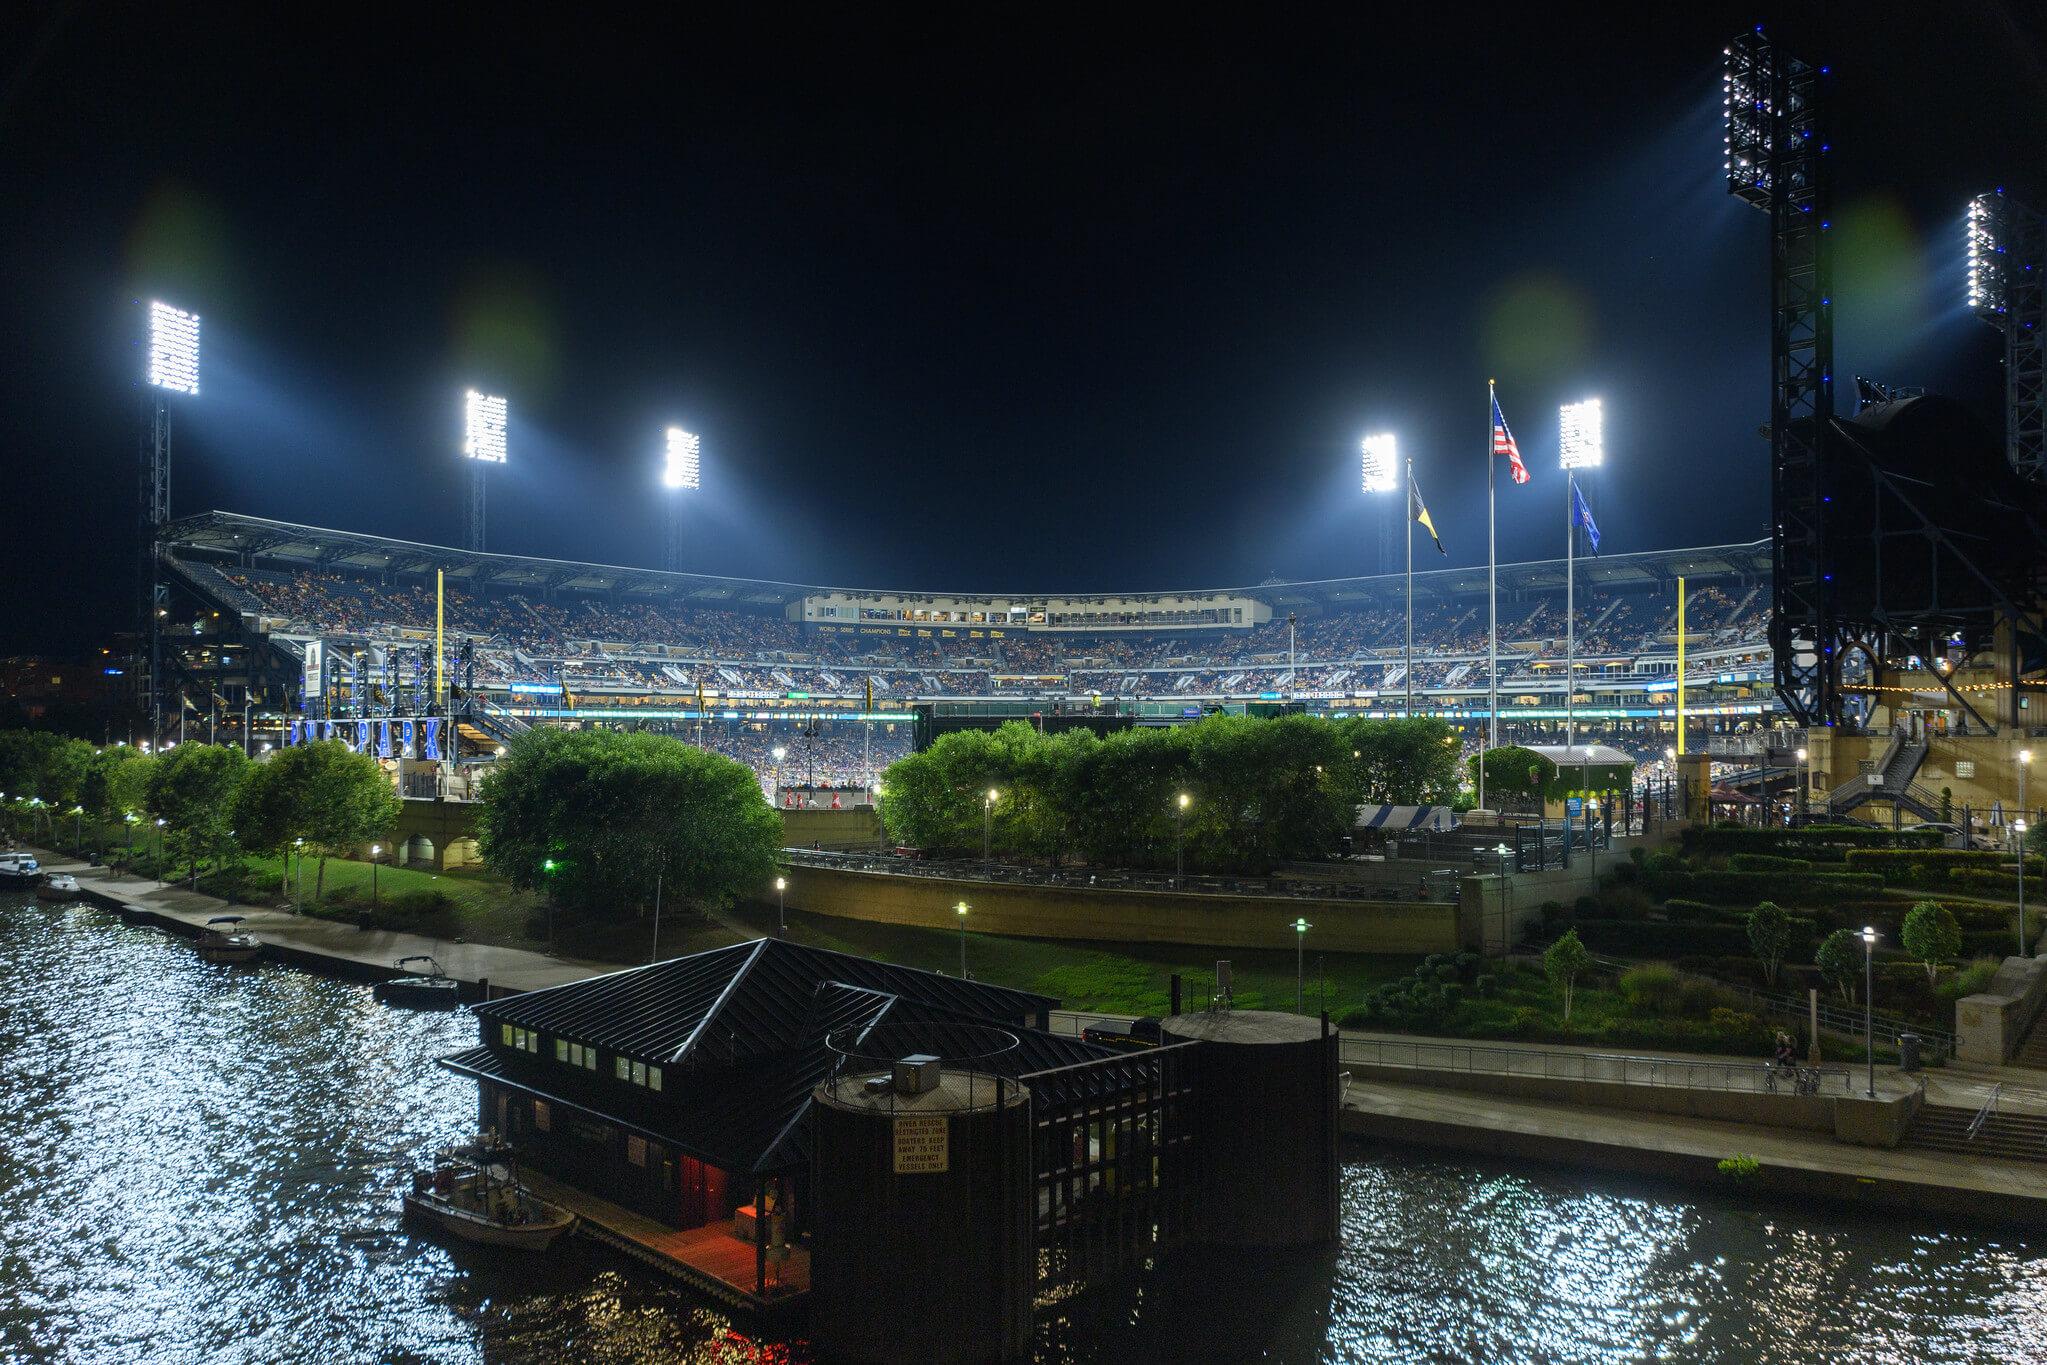 PNC Park ballpark